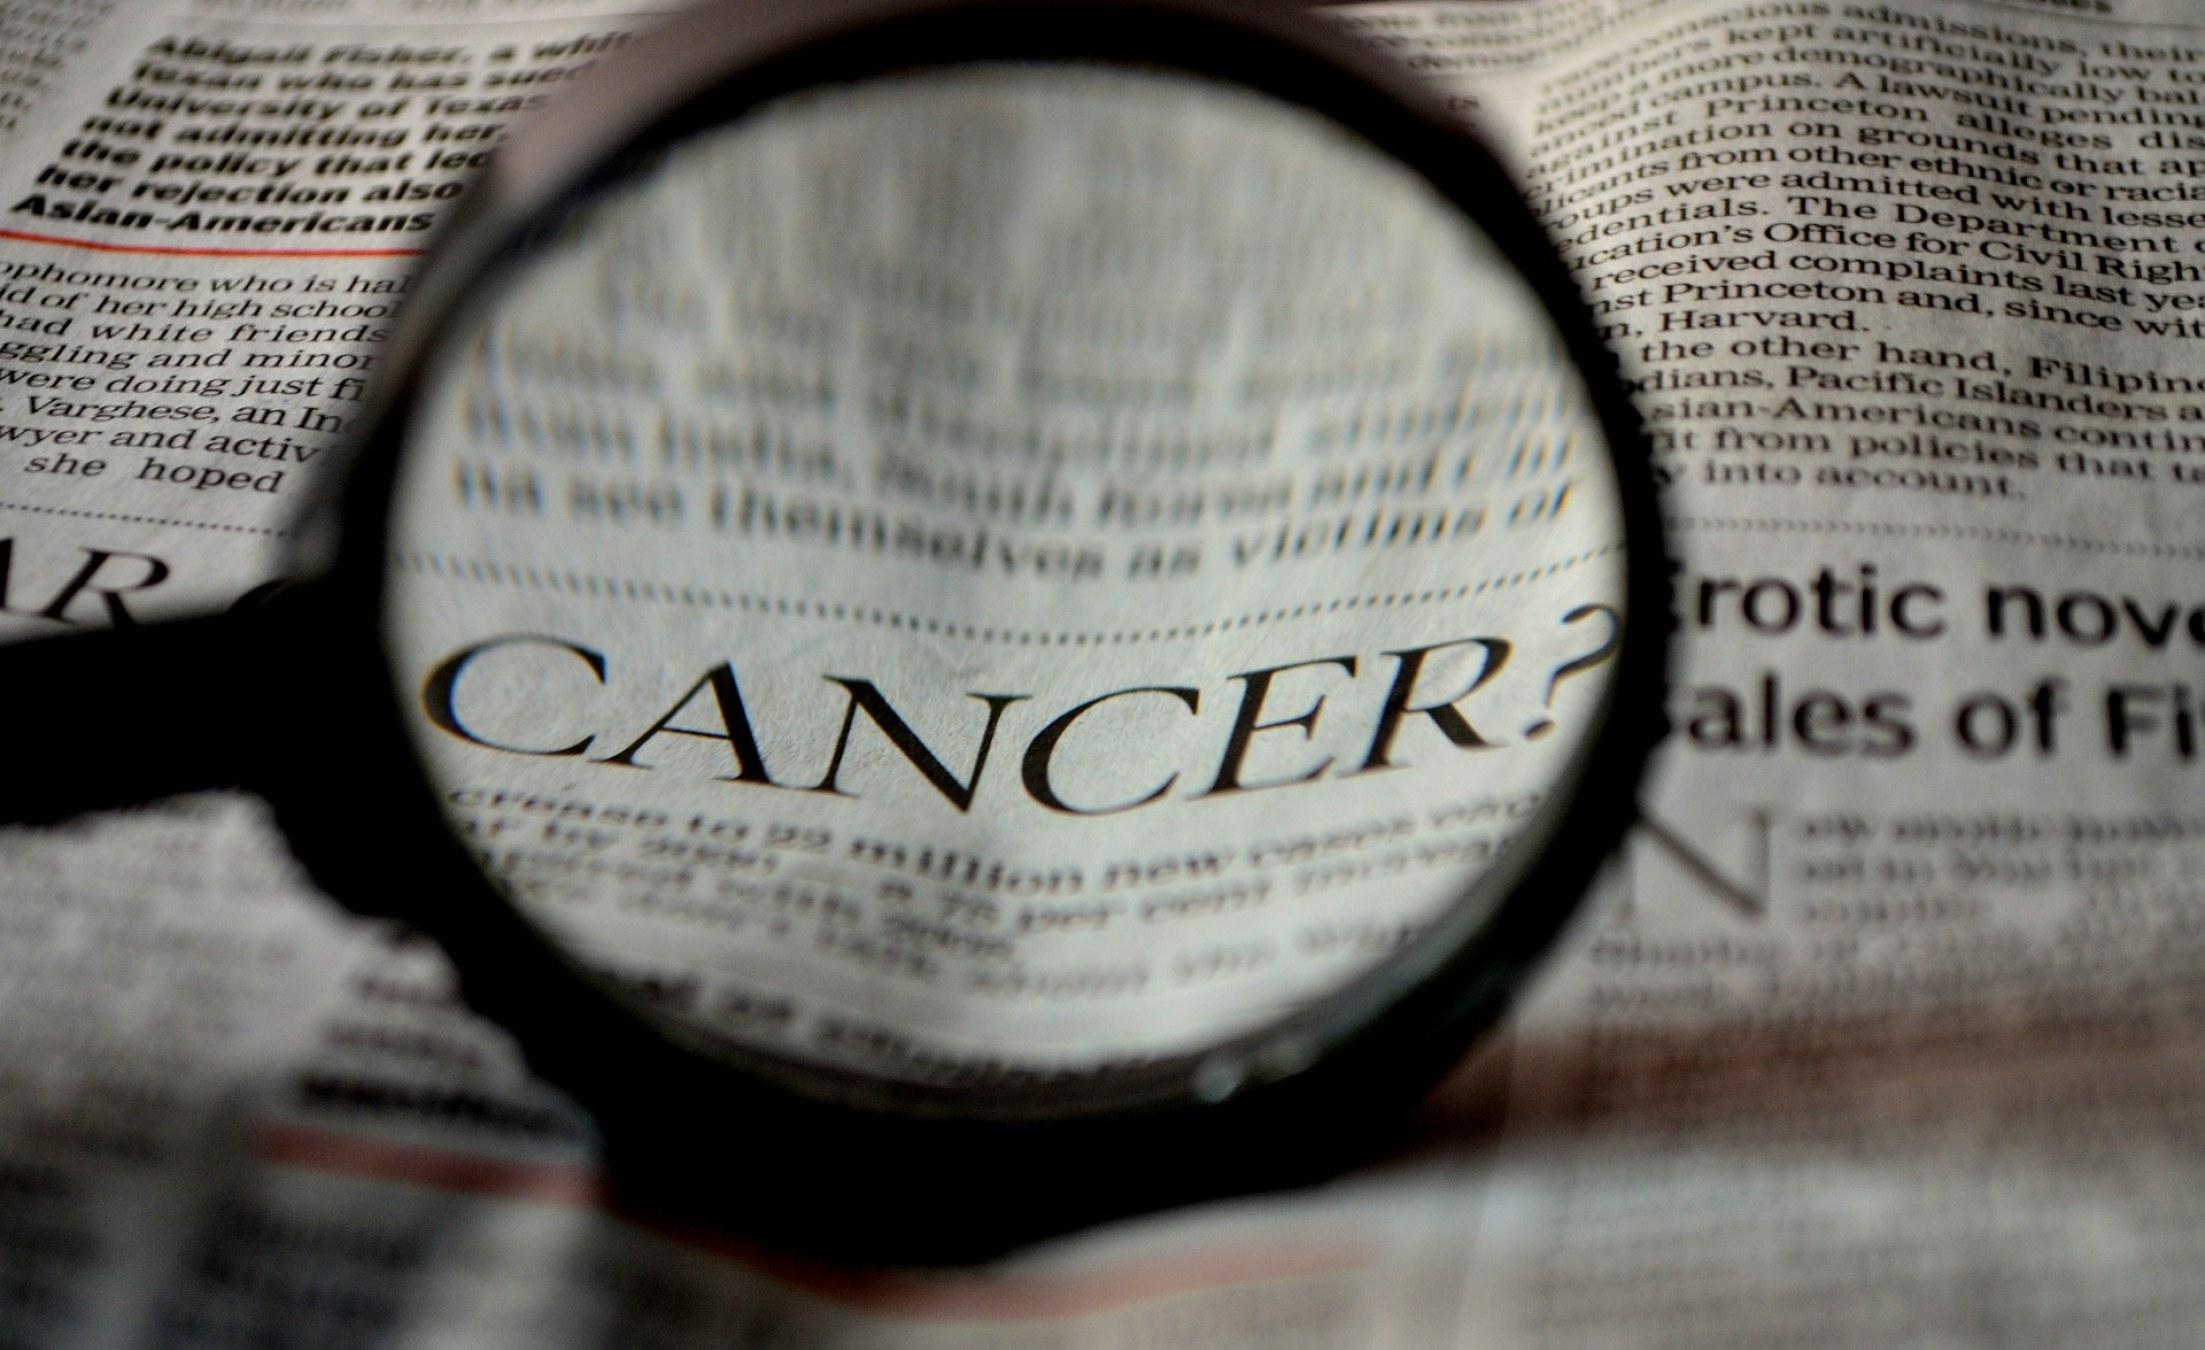 Nigeria: Covid-19 Wrecks Cancer Care